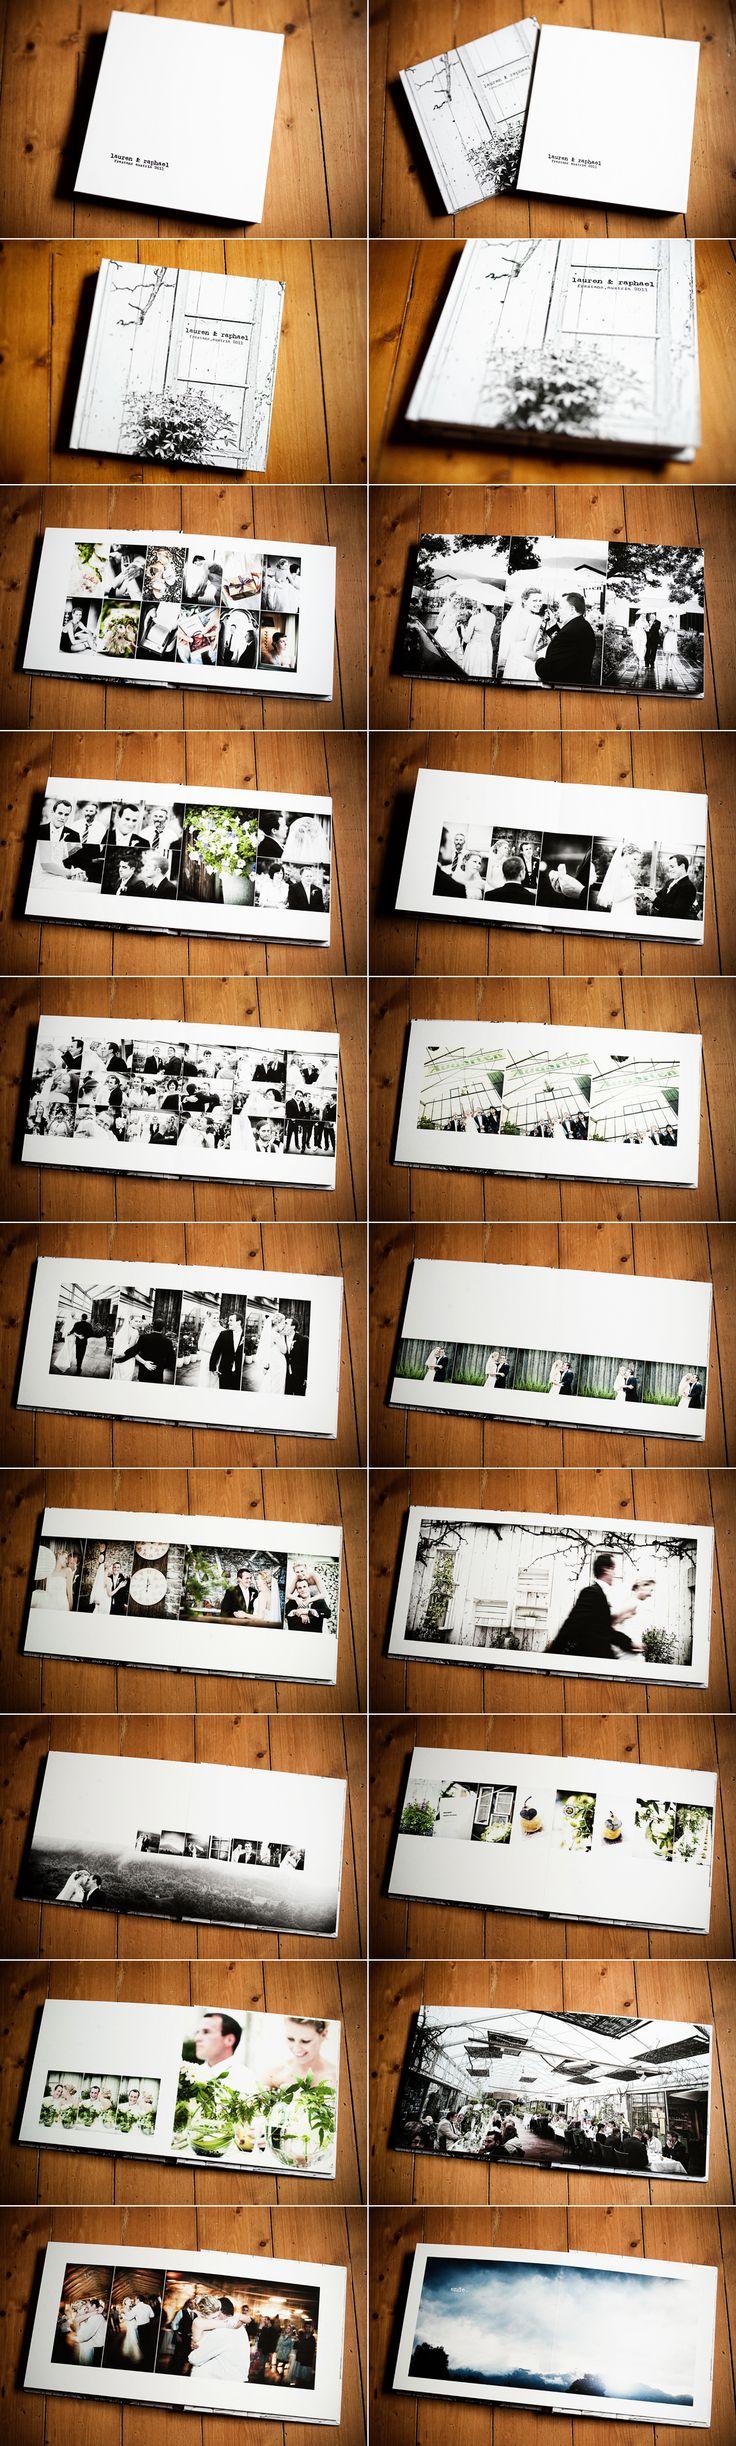 Bei den Hochzeitsfotos schon ans Fotobuch denken: Serienaufnahmen können einen tollen Effekt haben! Fotobuch bestellen: http://pxm.li/BevsAg #hochzeit # foto #fotobuch